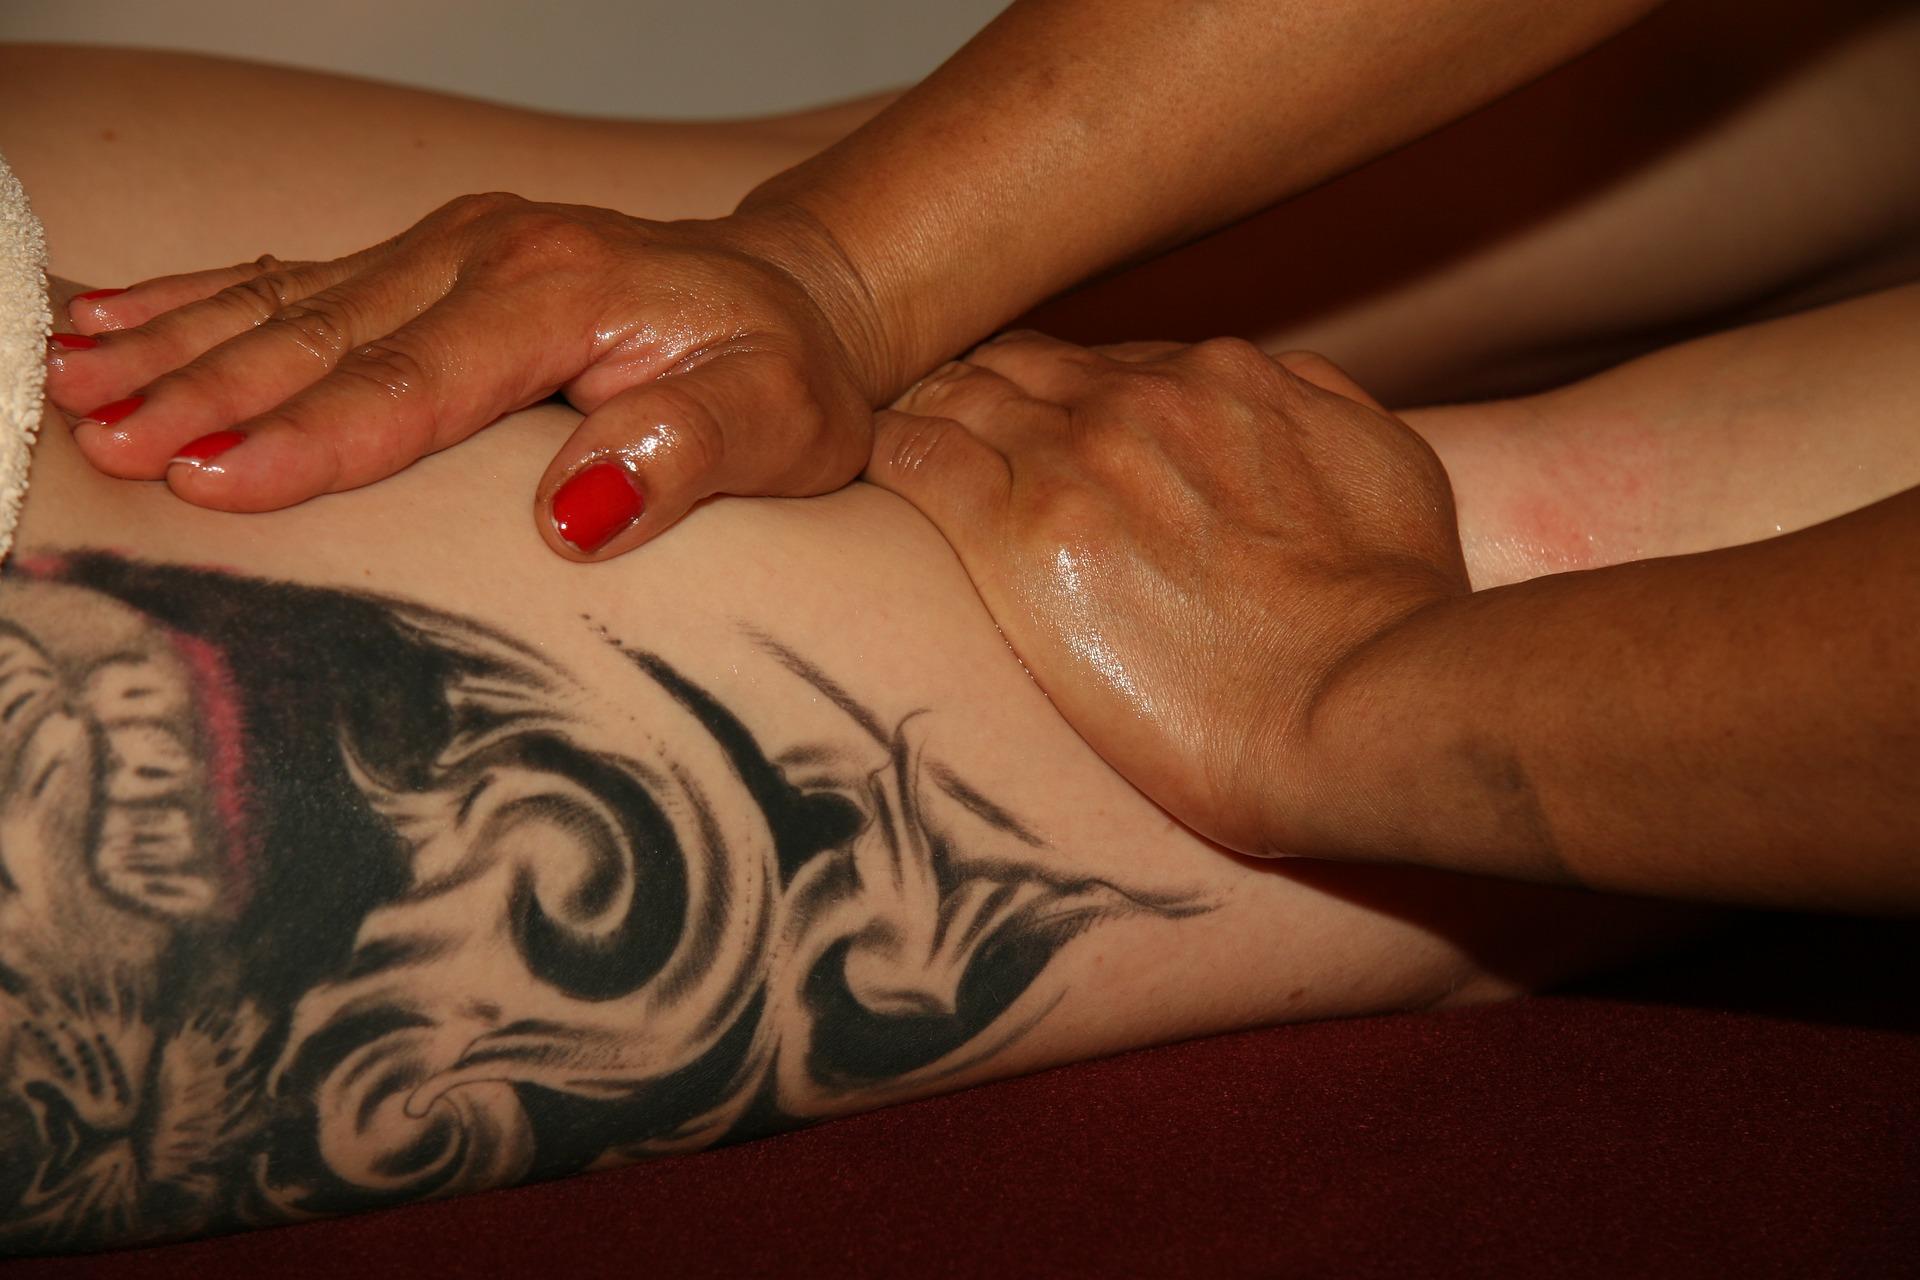 massage-2275543_1920